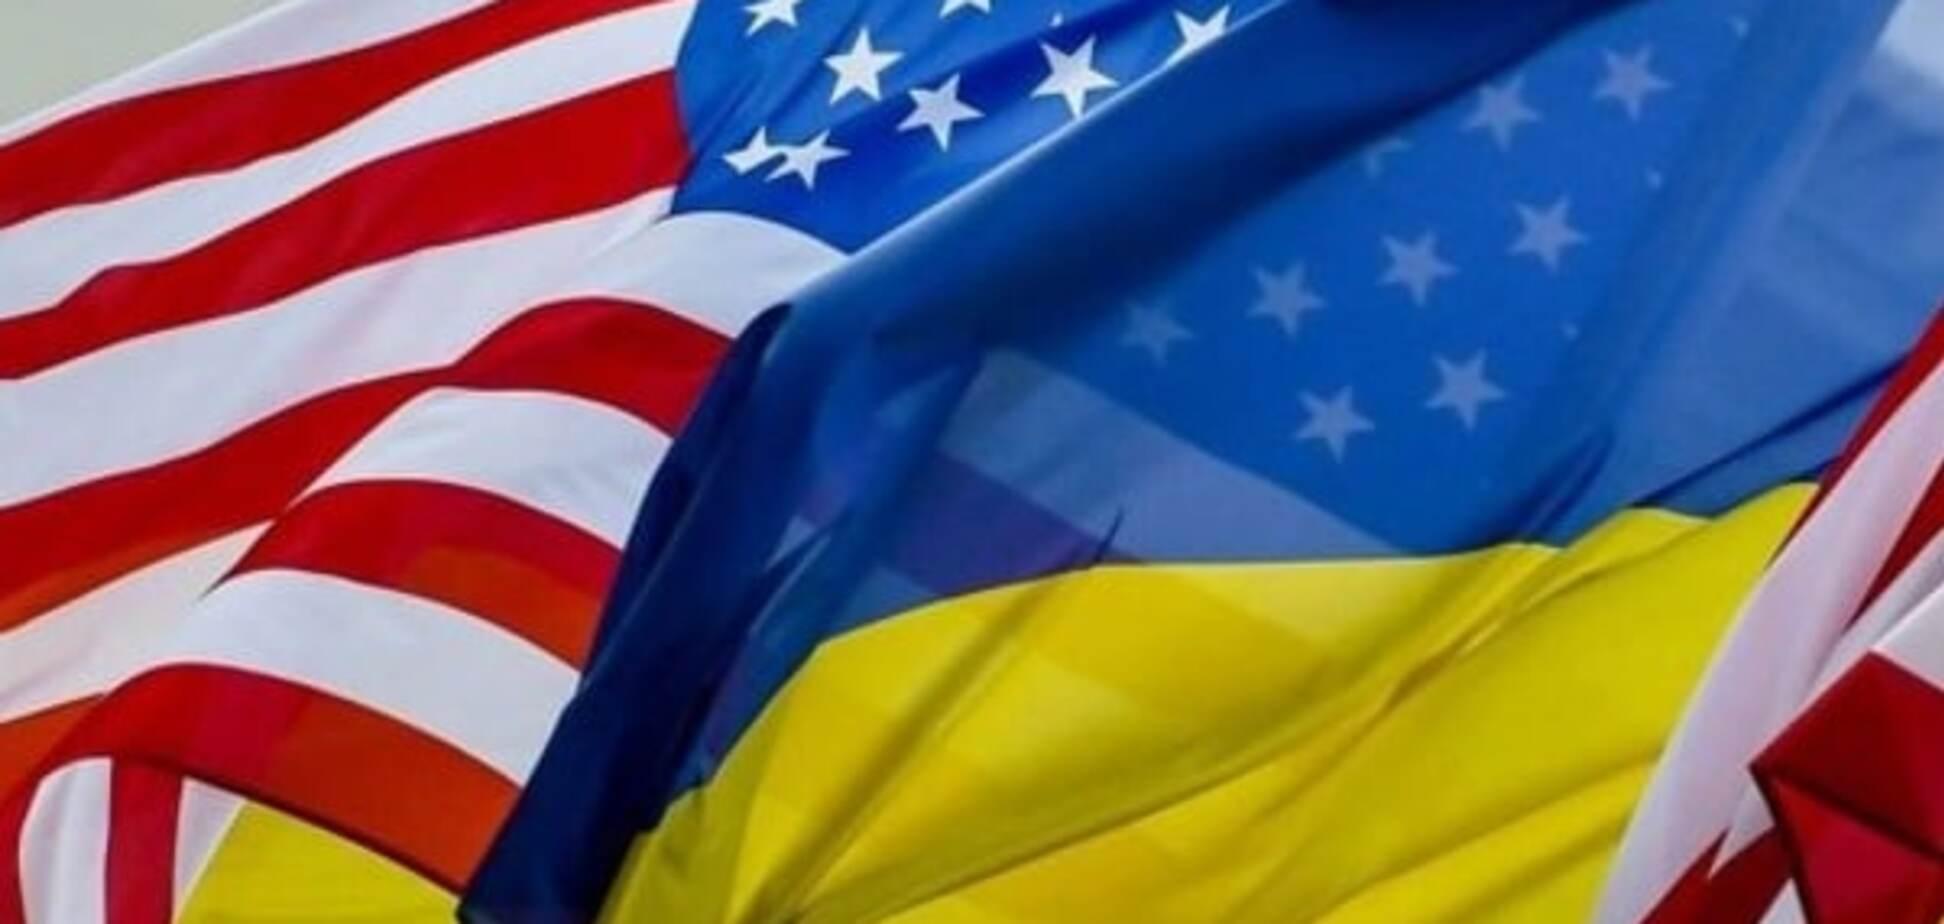 Економіст пояснив, як Україна зможе закріпитися на ринку США за допомогою Канади